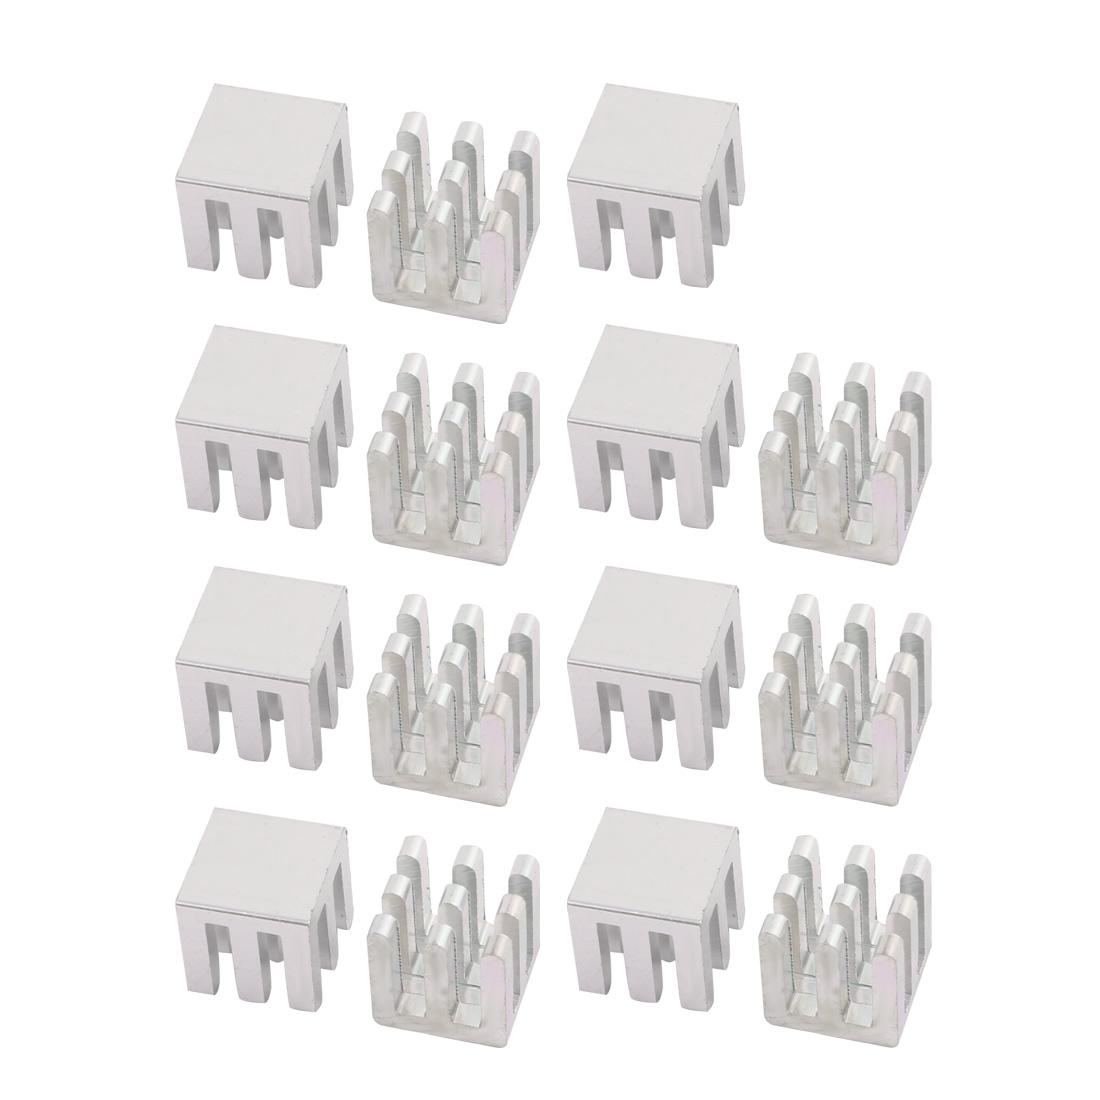 15Pcs 10mm x 10mm x 10mm Aluminum Heatsink Heat Diffuse Cooling Fin Silver Tone